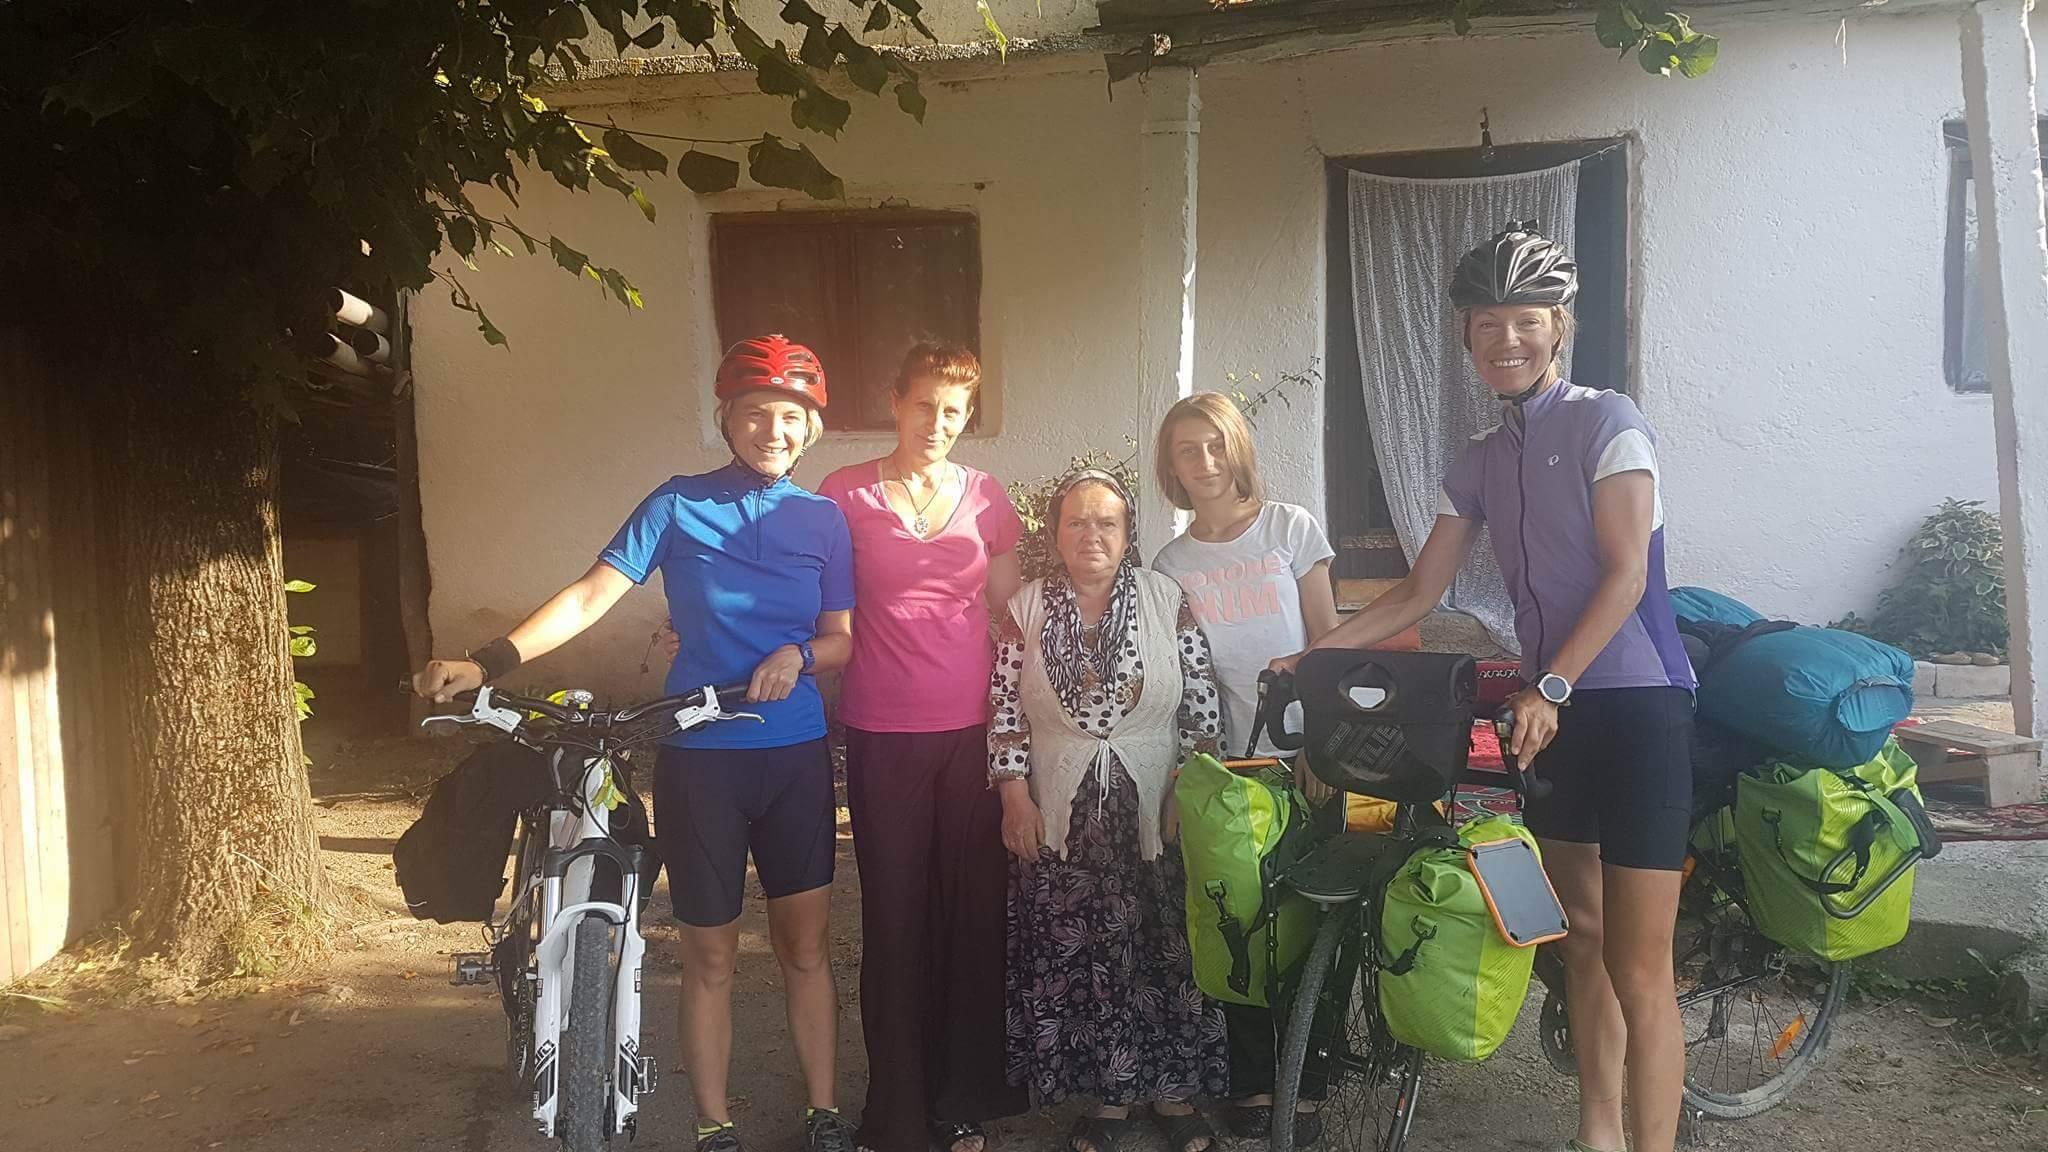 Cykling aventyr